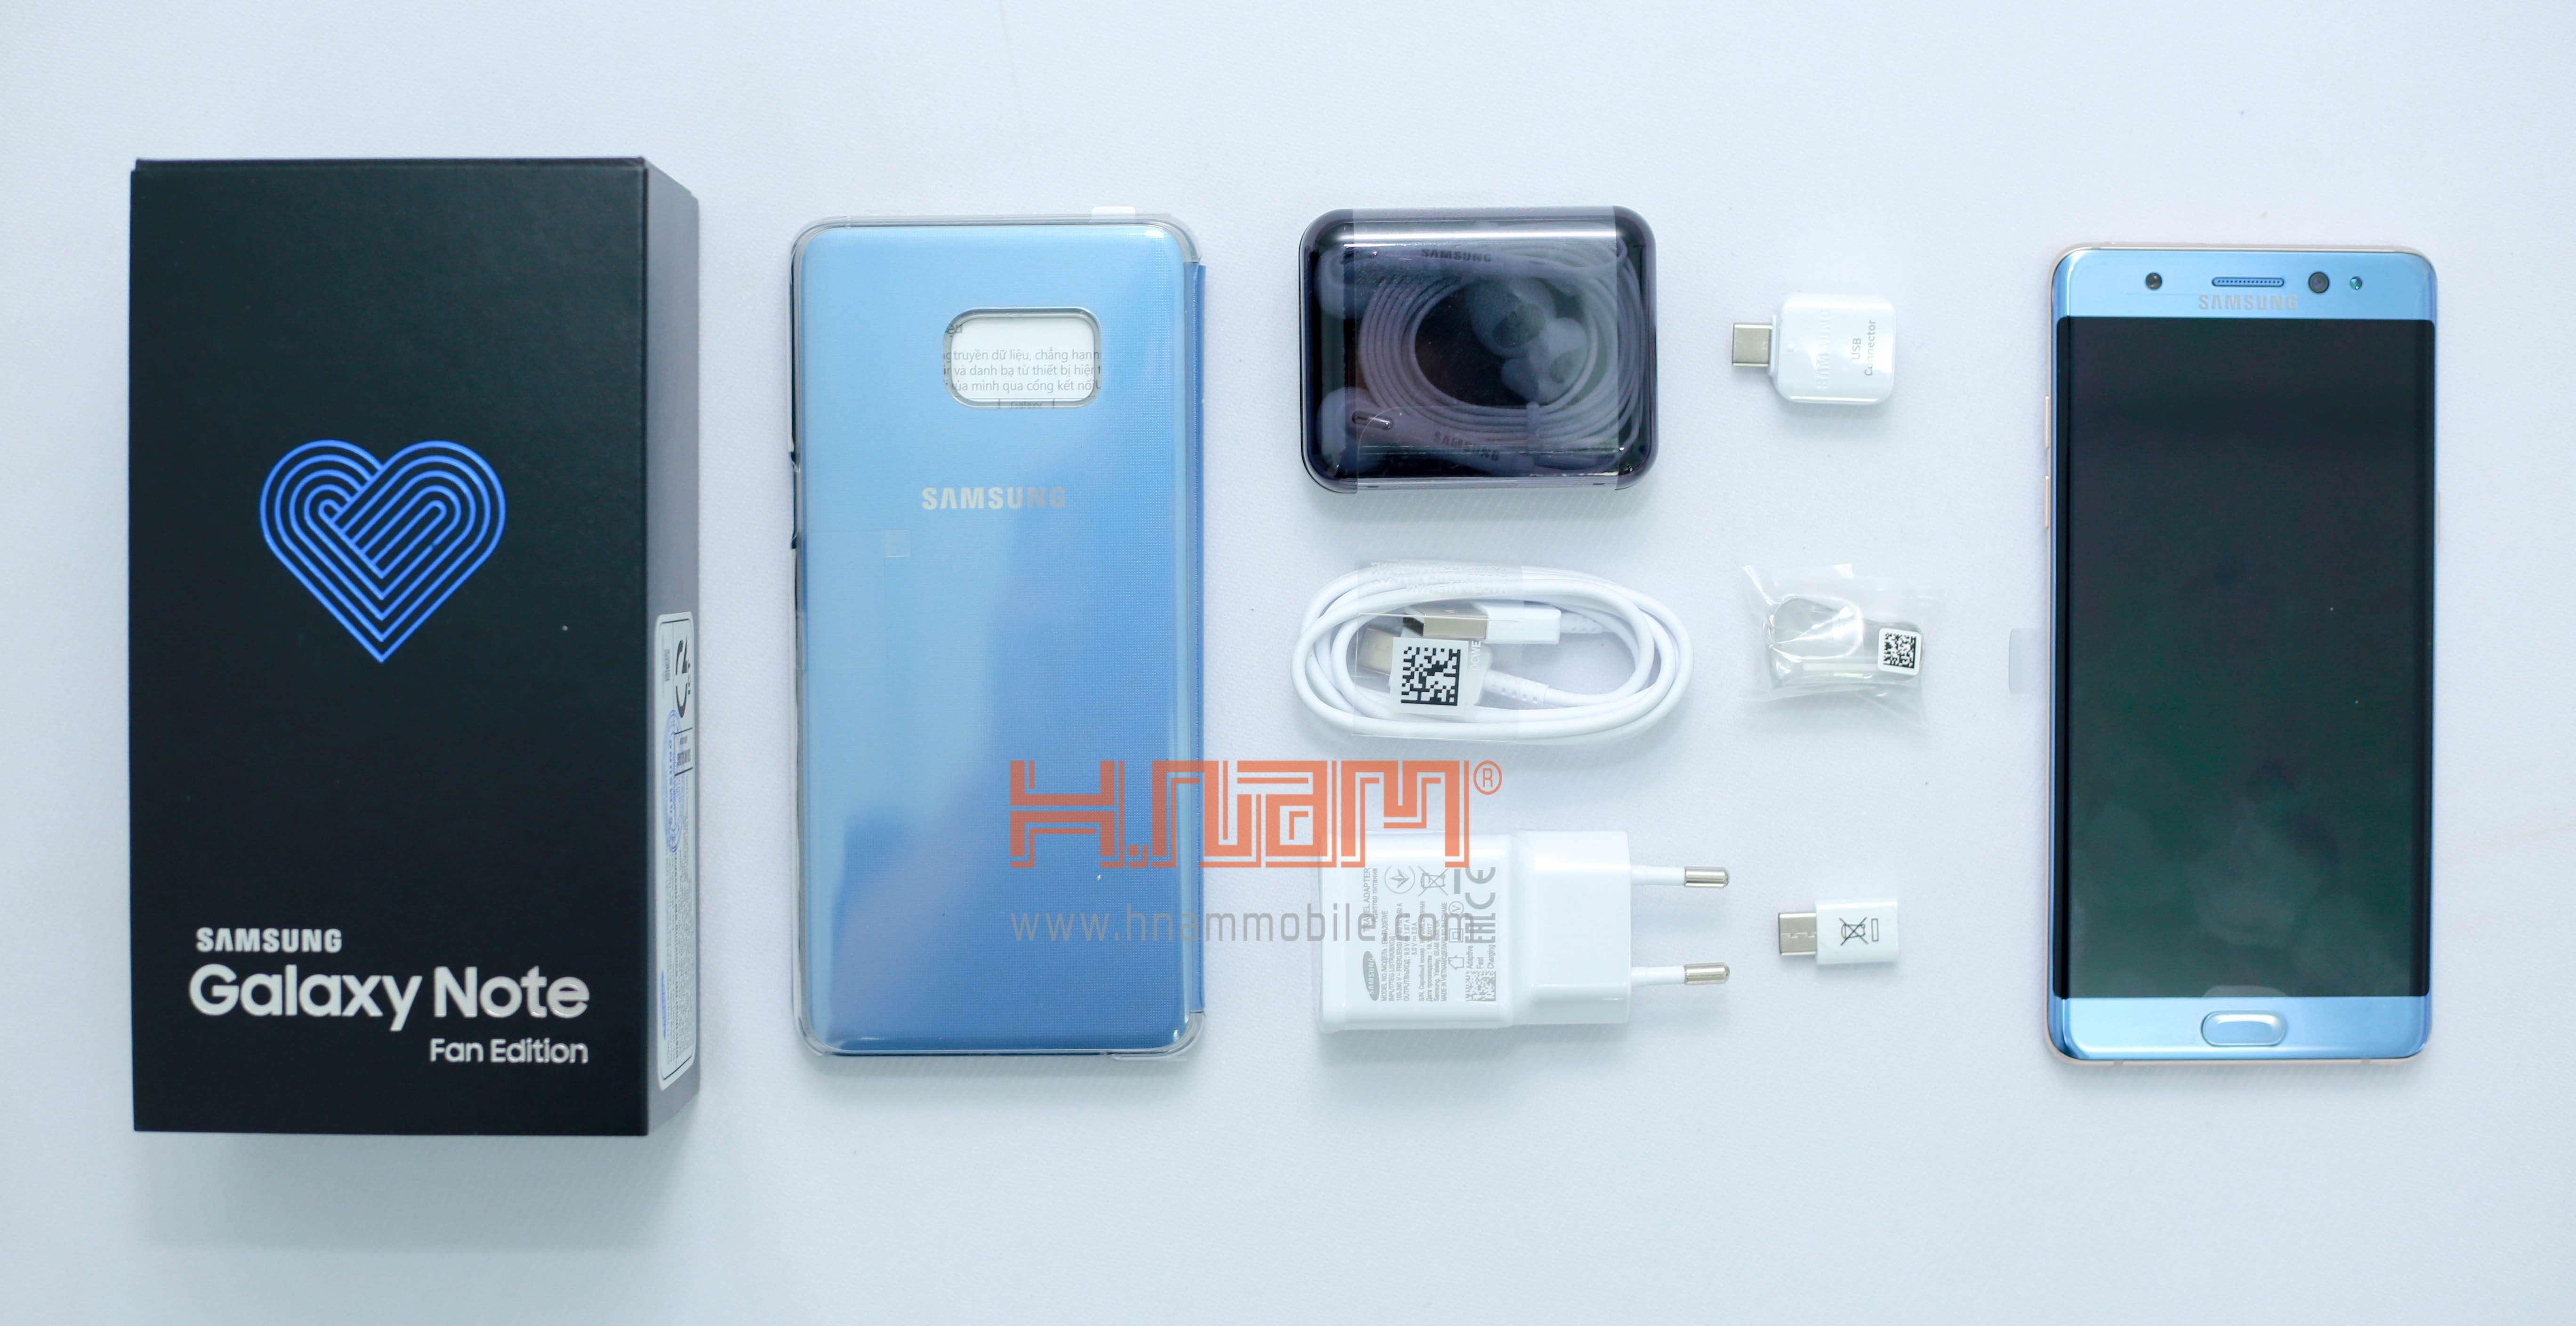 Samsung Galaxy Note FE hình sản phẩm 0